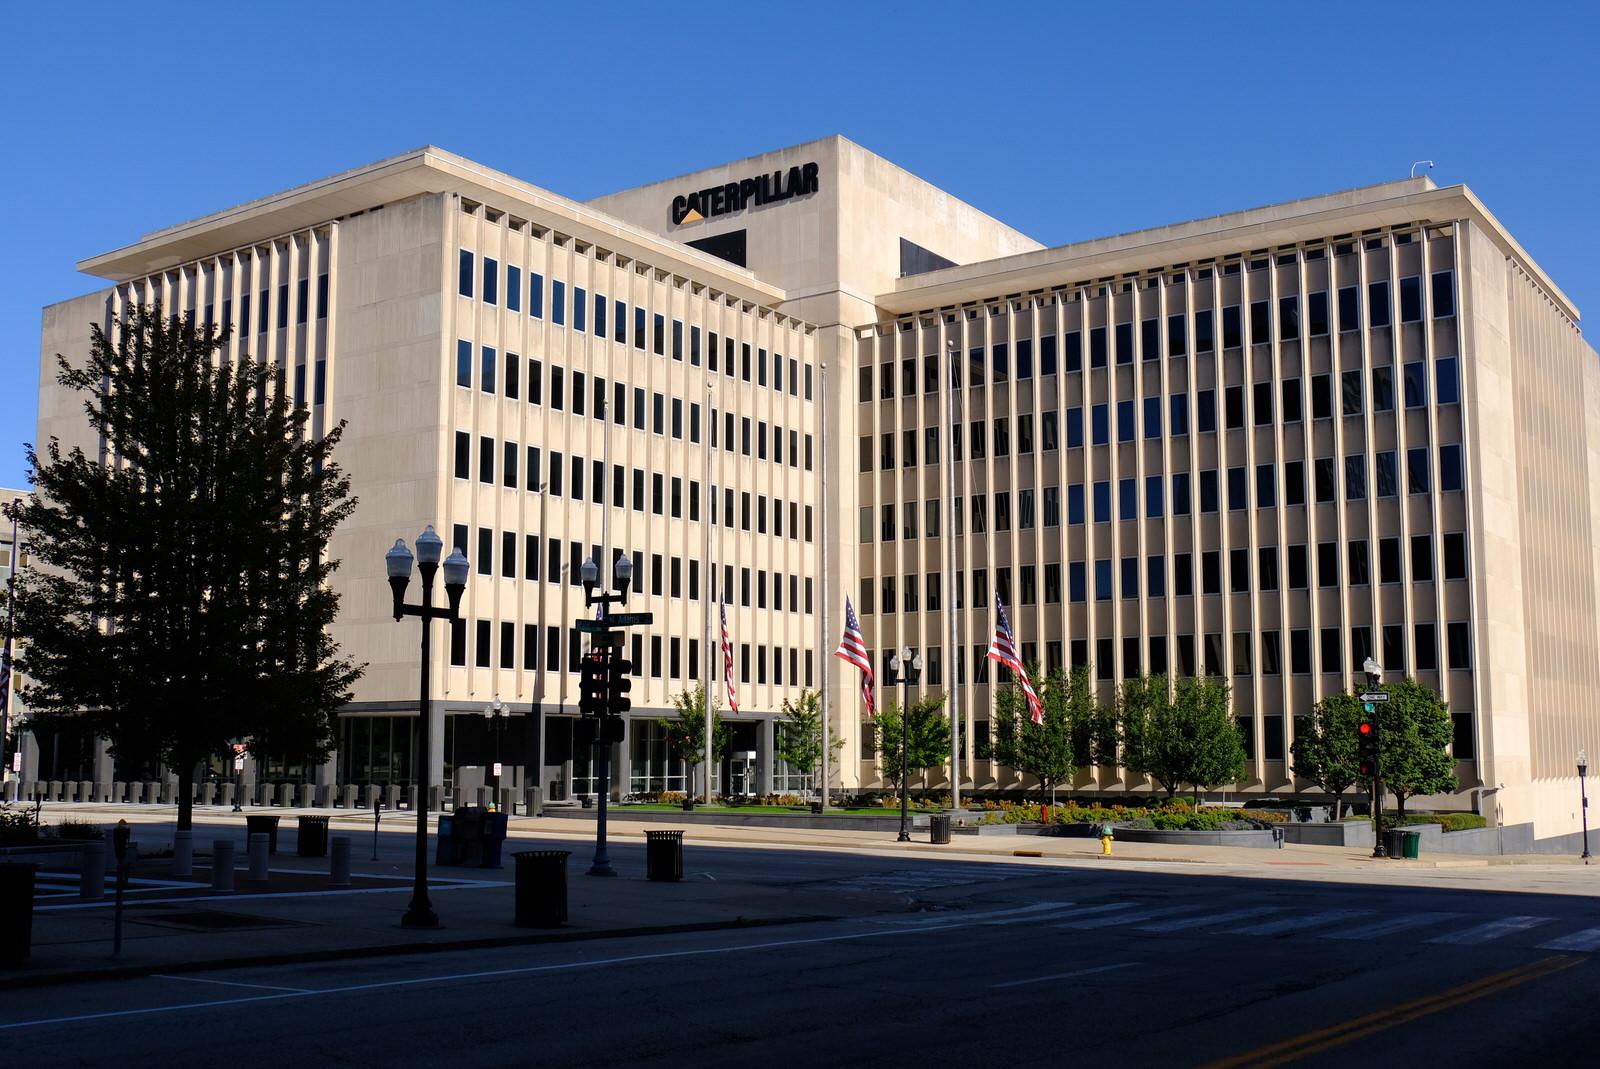 Caterpillar office in Peoria, Illinois.